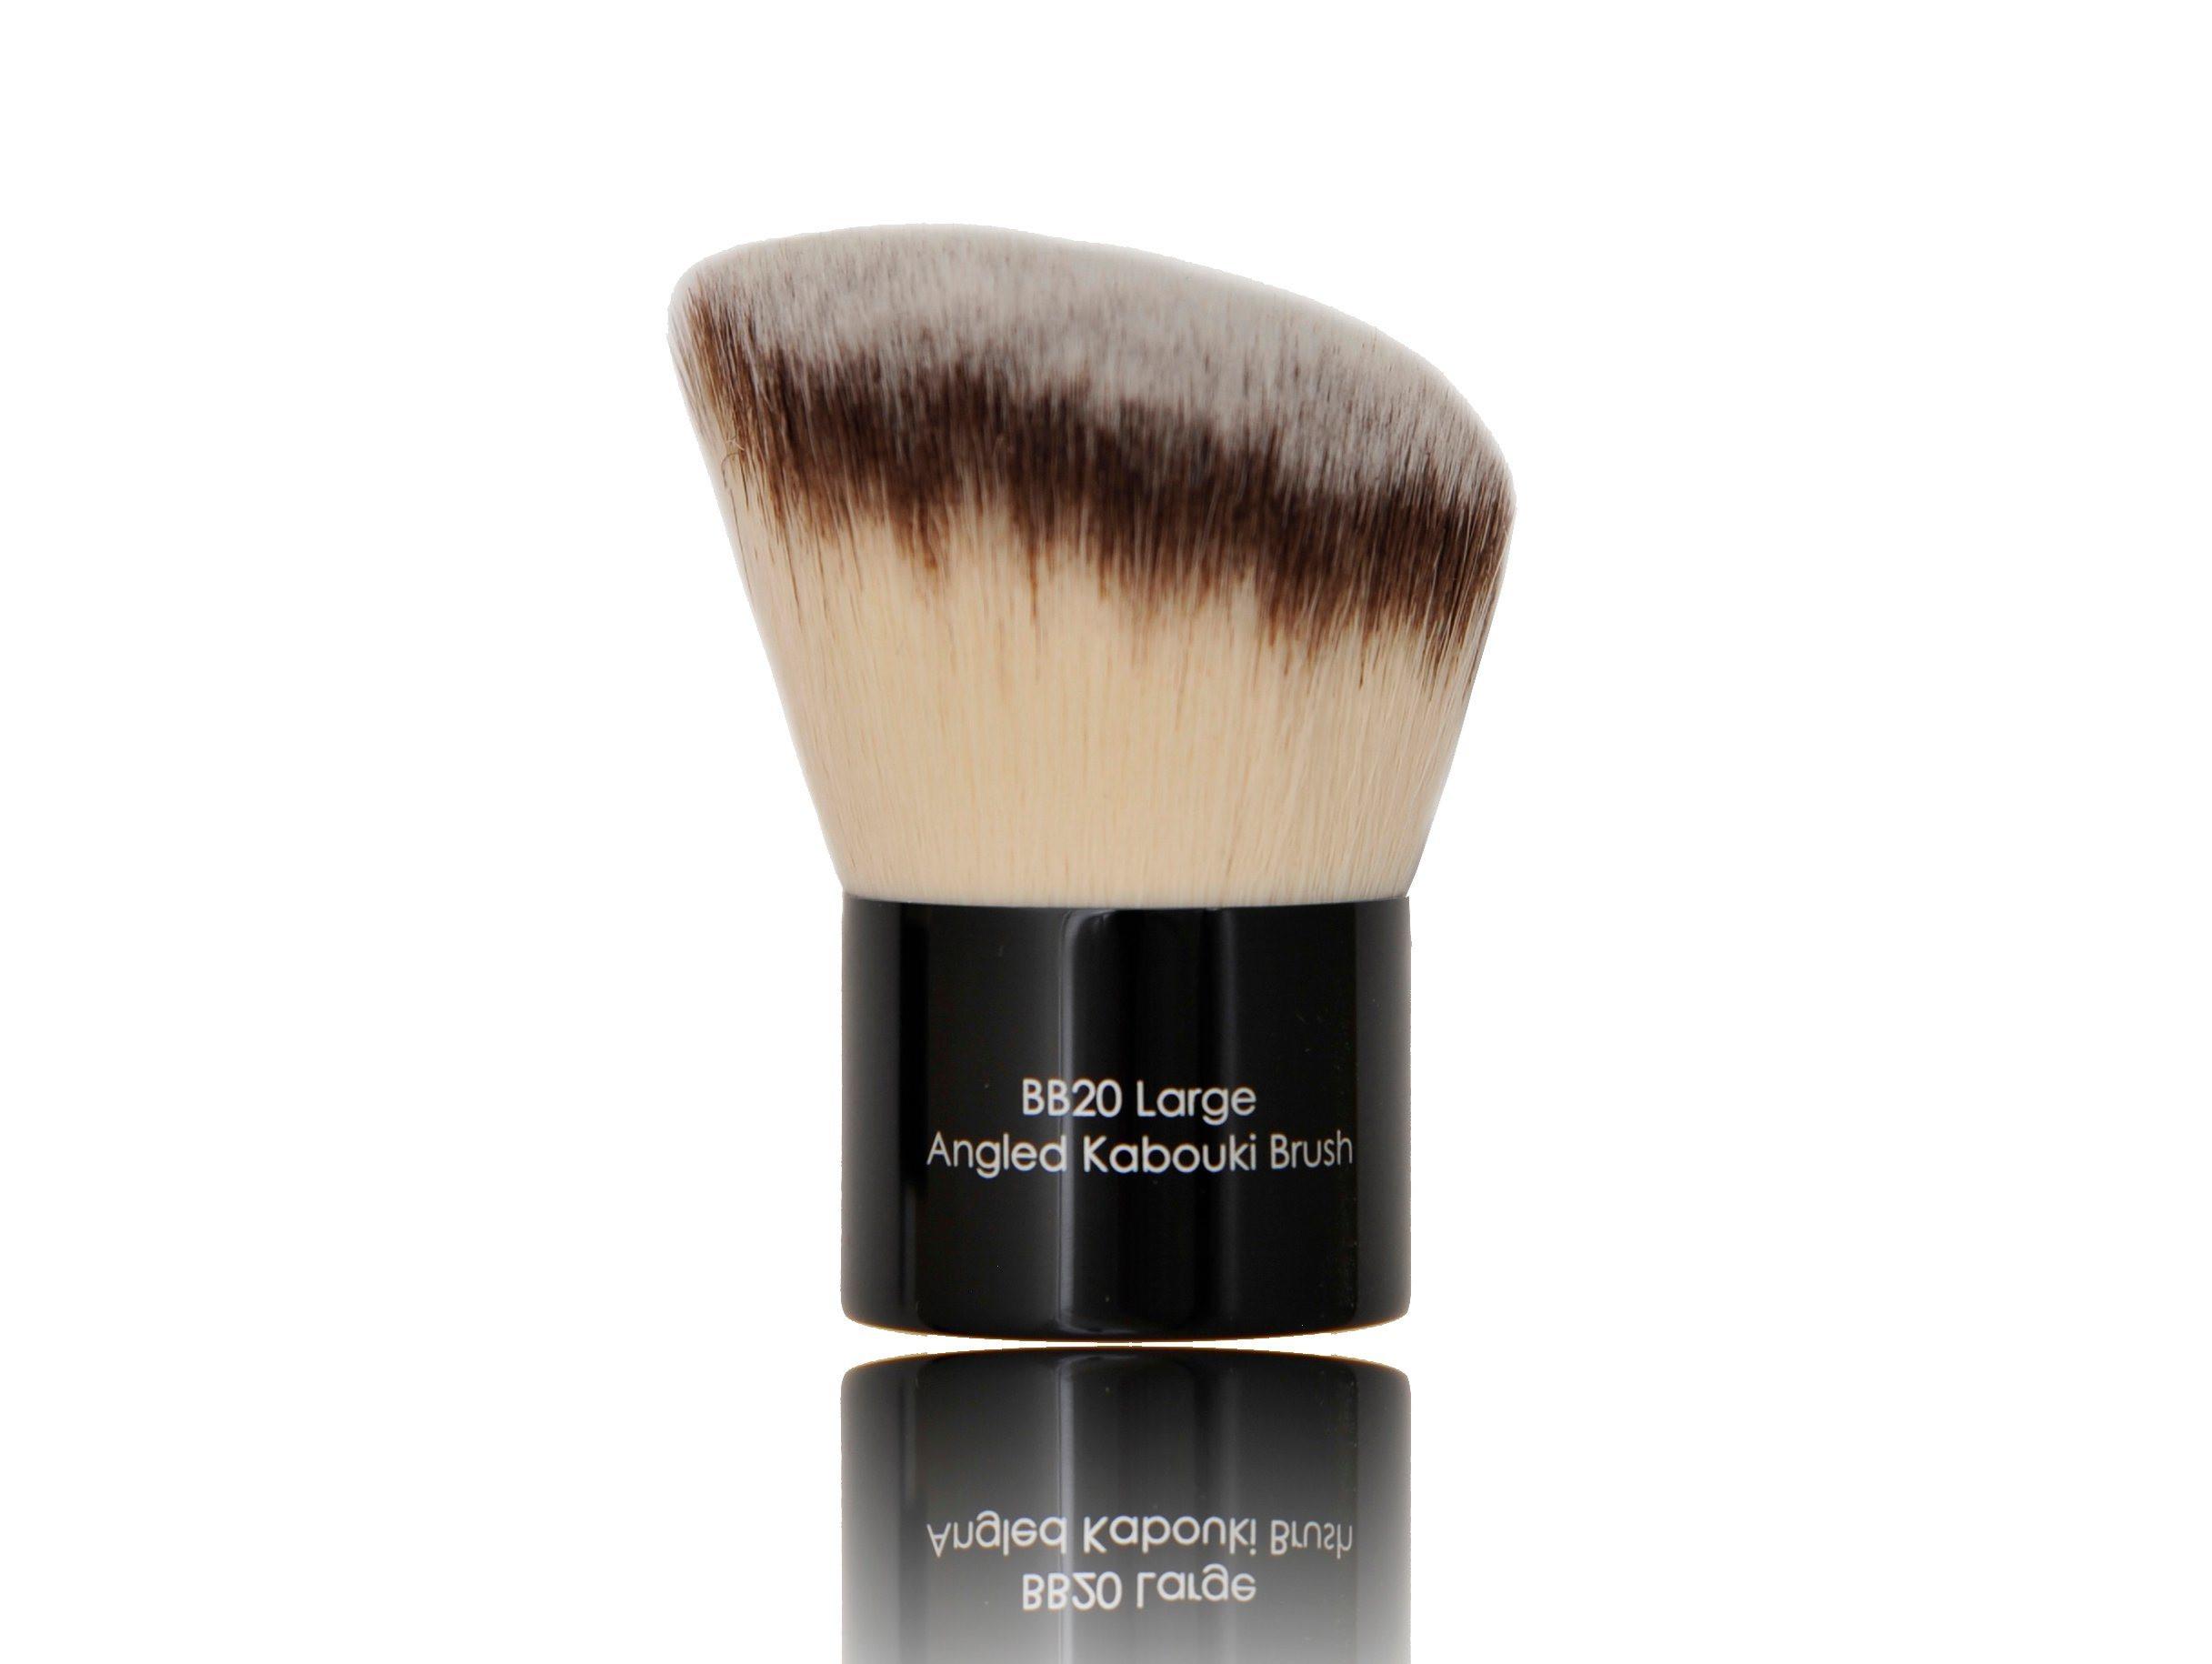 Kabuki Makeup Brush with Synthetic Hair